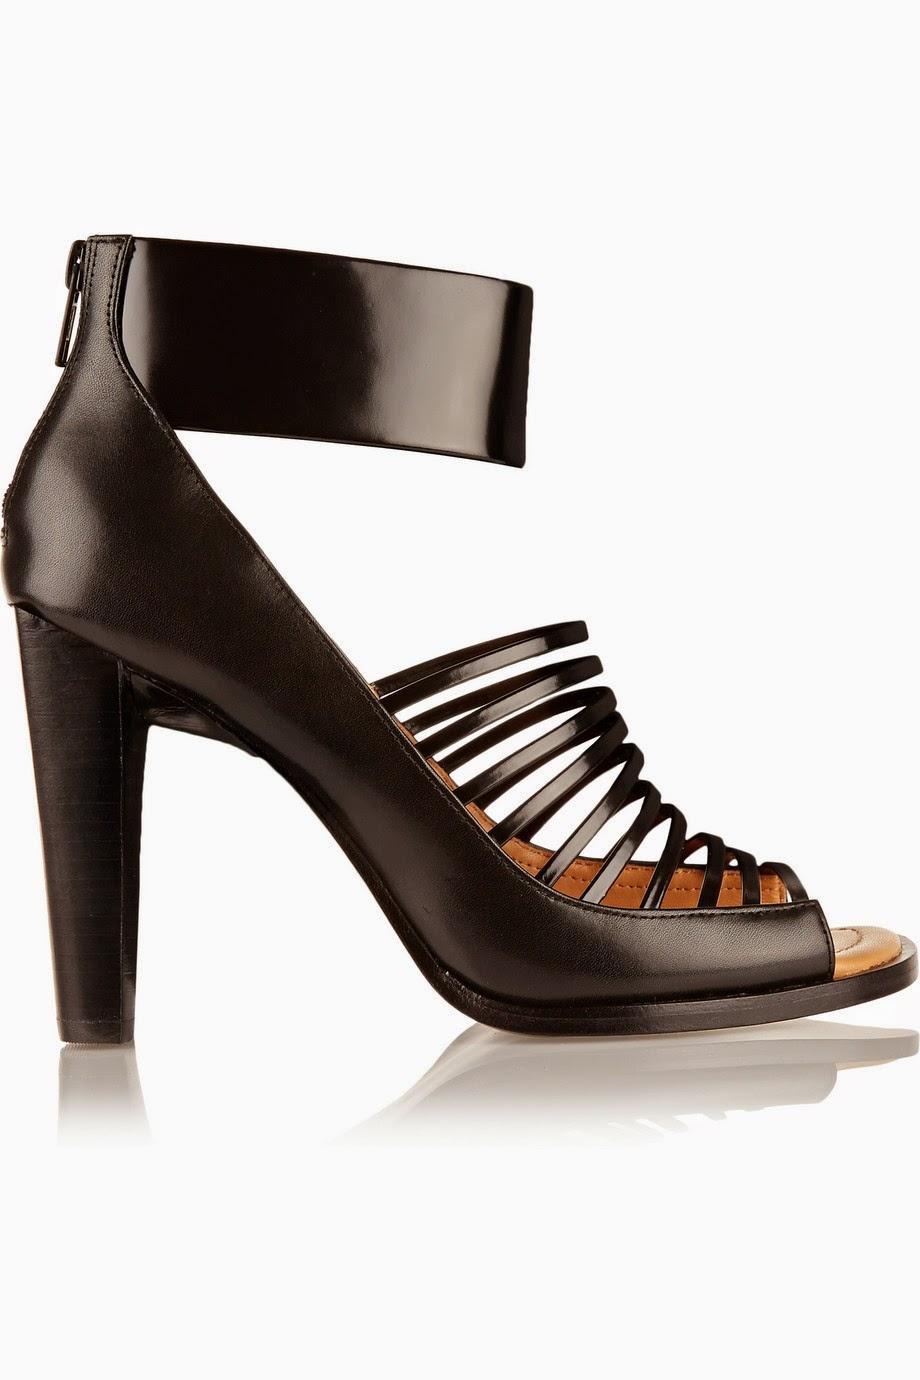 designer shoes on sale now on the a sip of latte. Black Bedroom Furniture Sets. Home Design Ideas